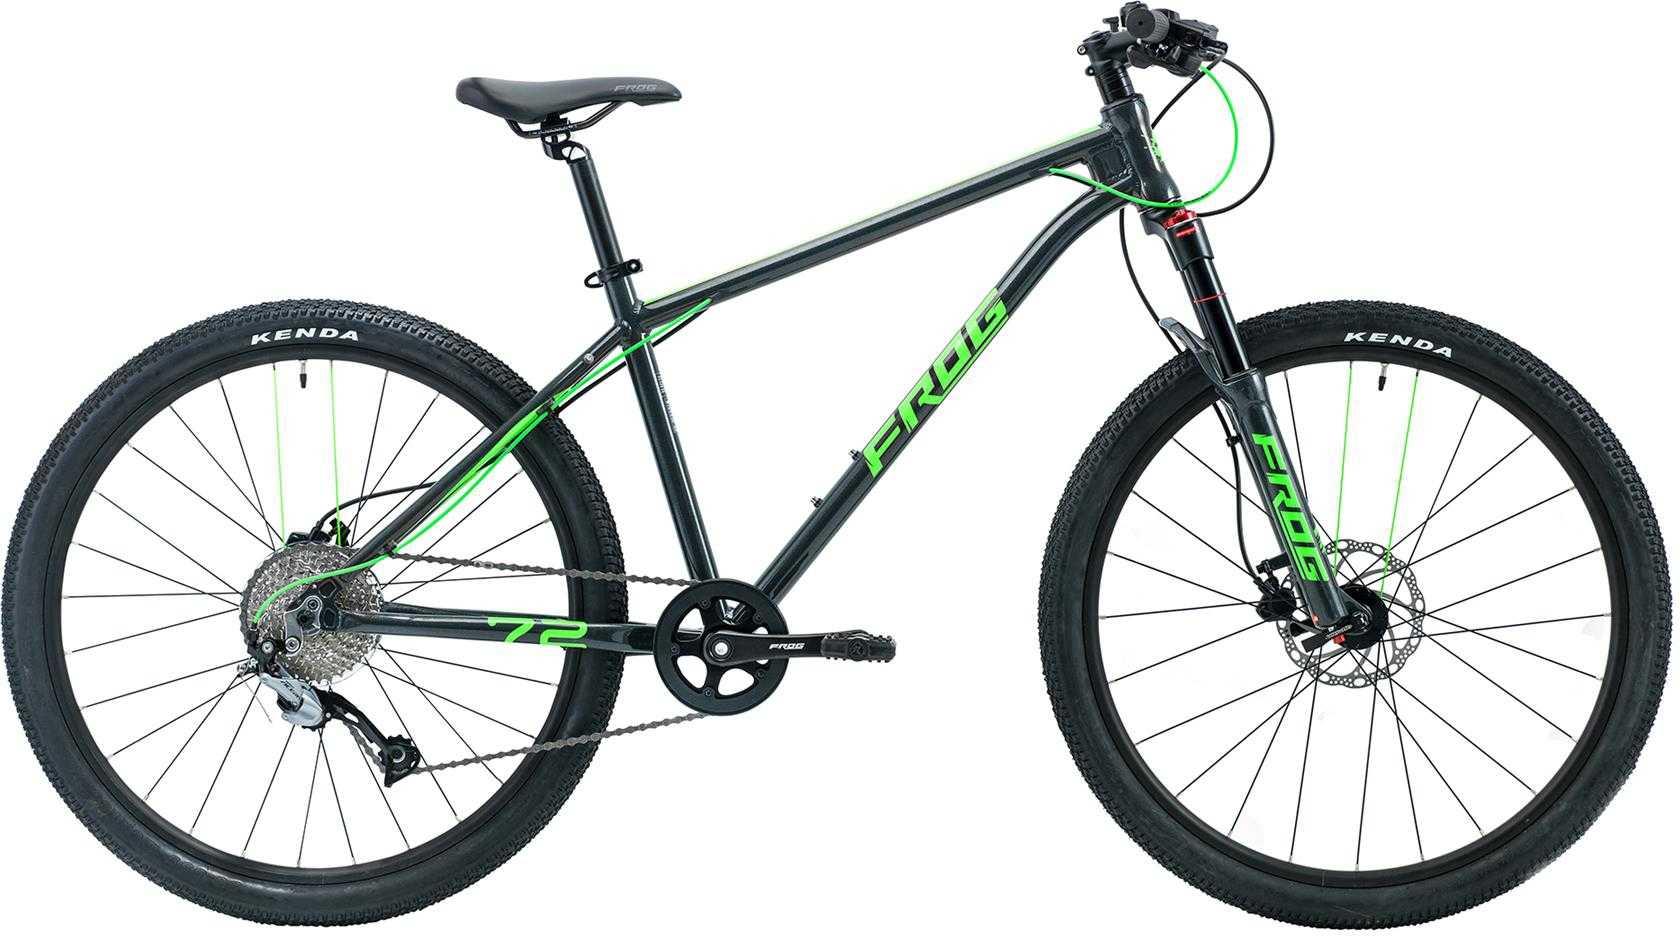 Frog MTB 72 grå metallic/neongrön | Mountainbikes